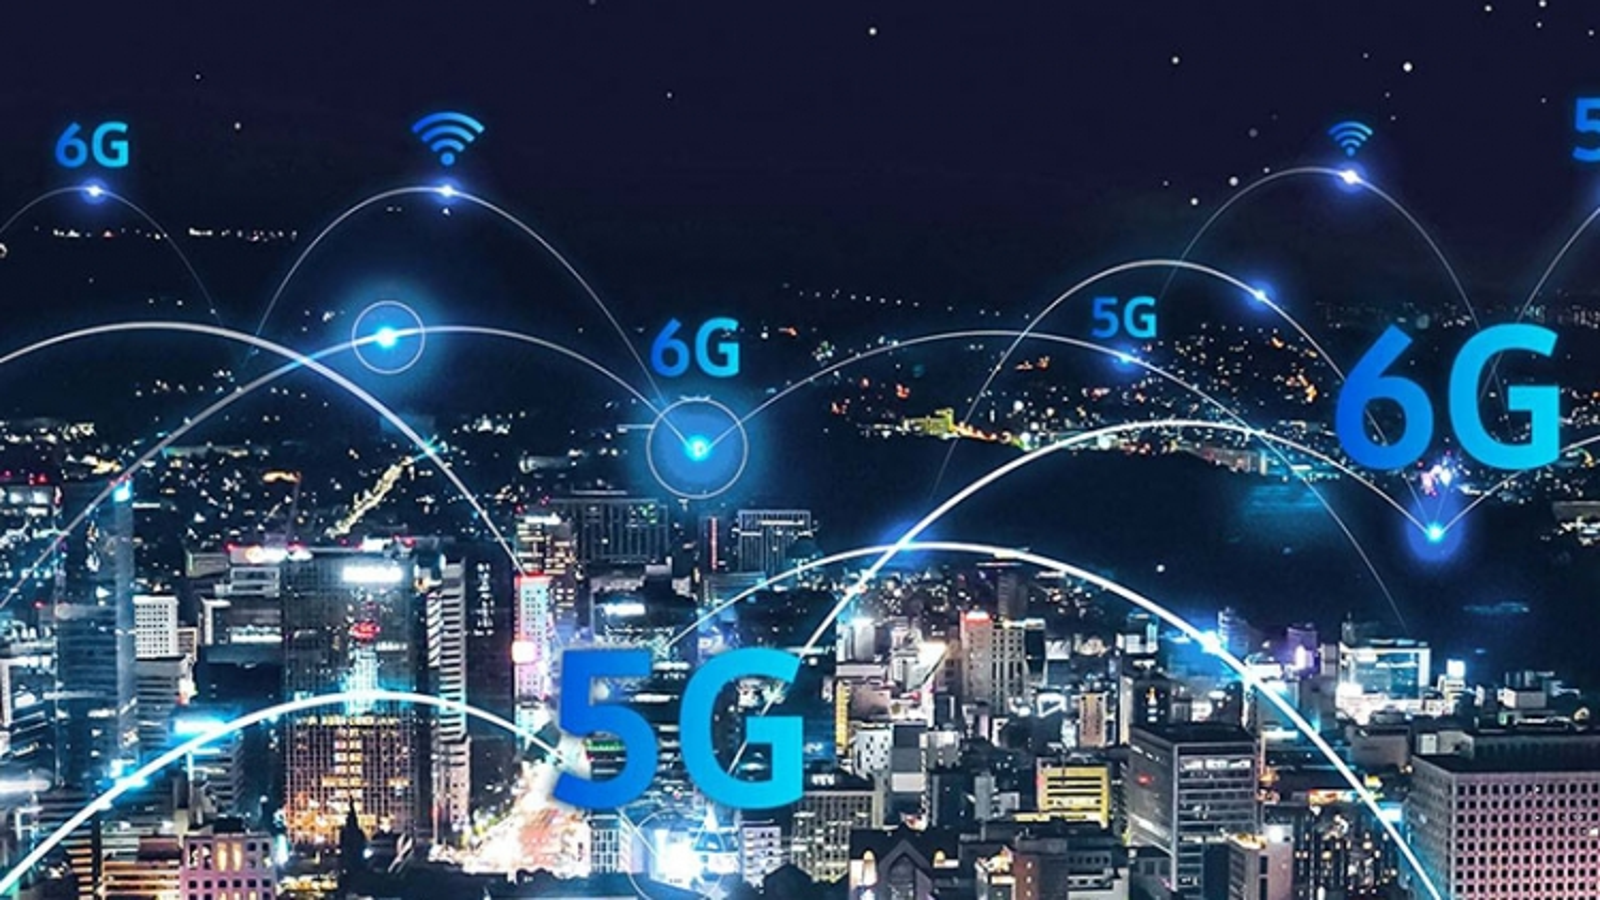 Chưa phủ sóng hết 5G, mạng 6G đã được Huawei lên kế hoạch triển khai